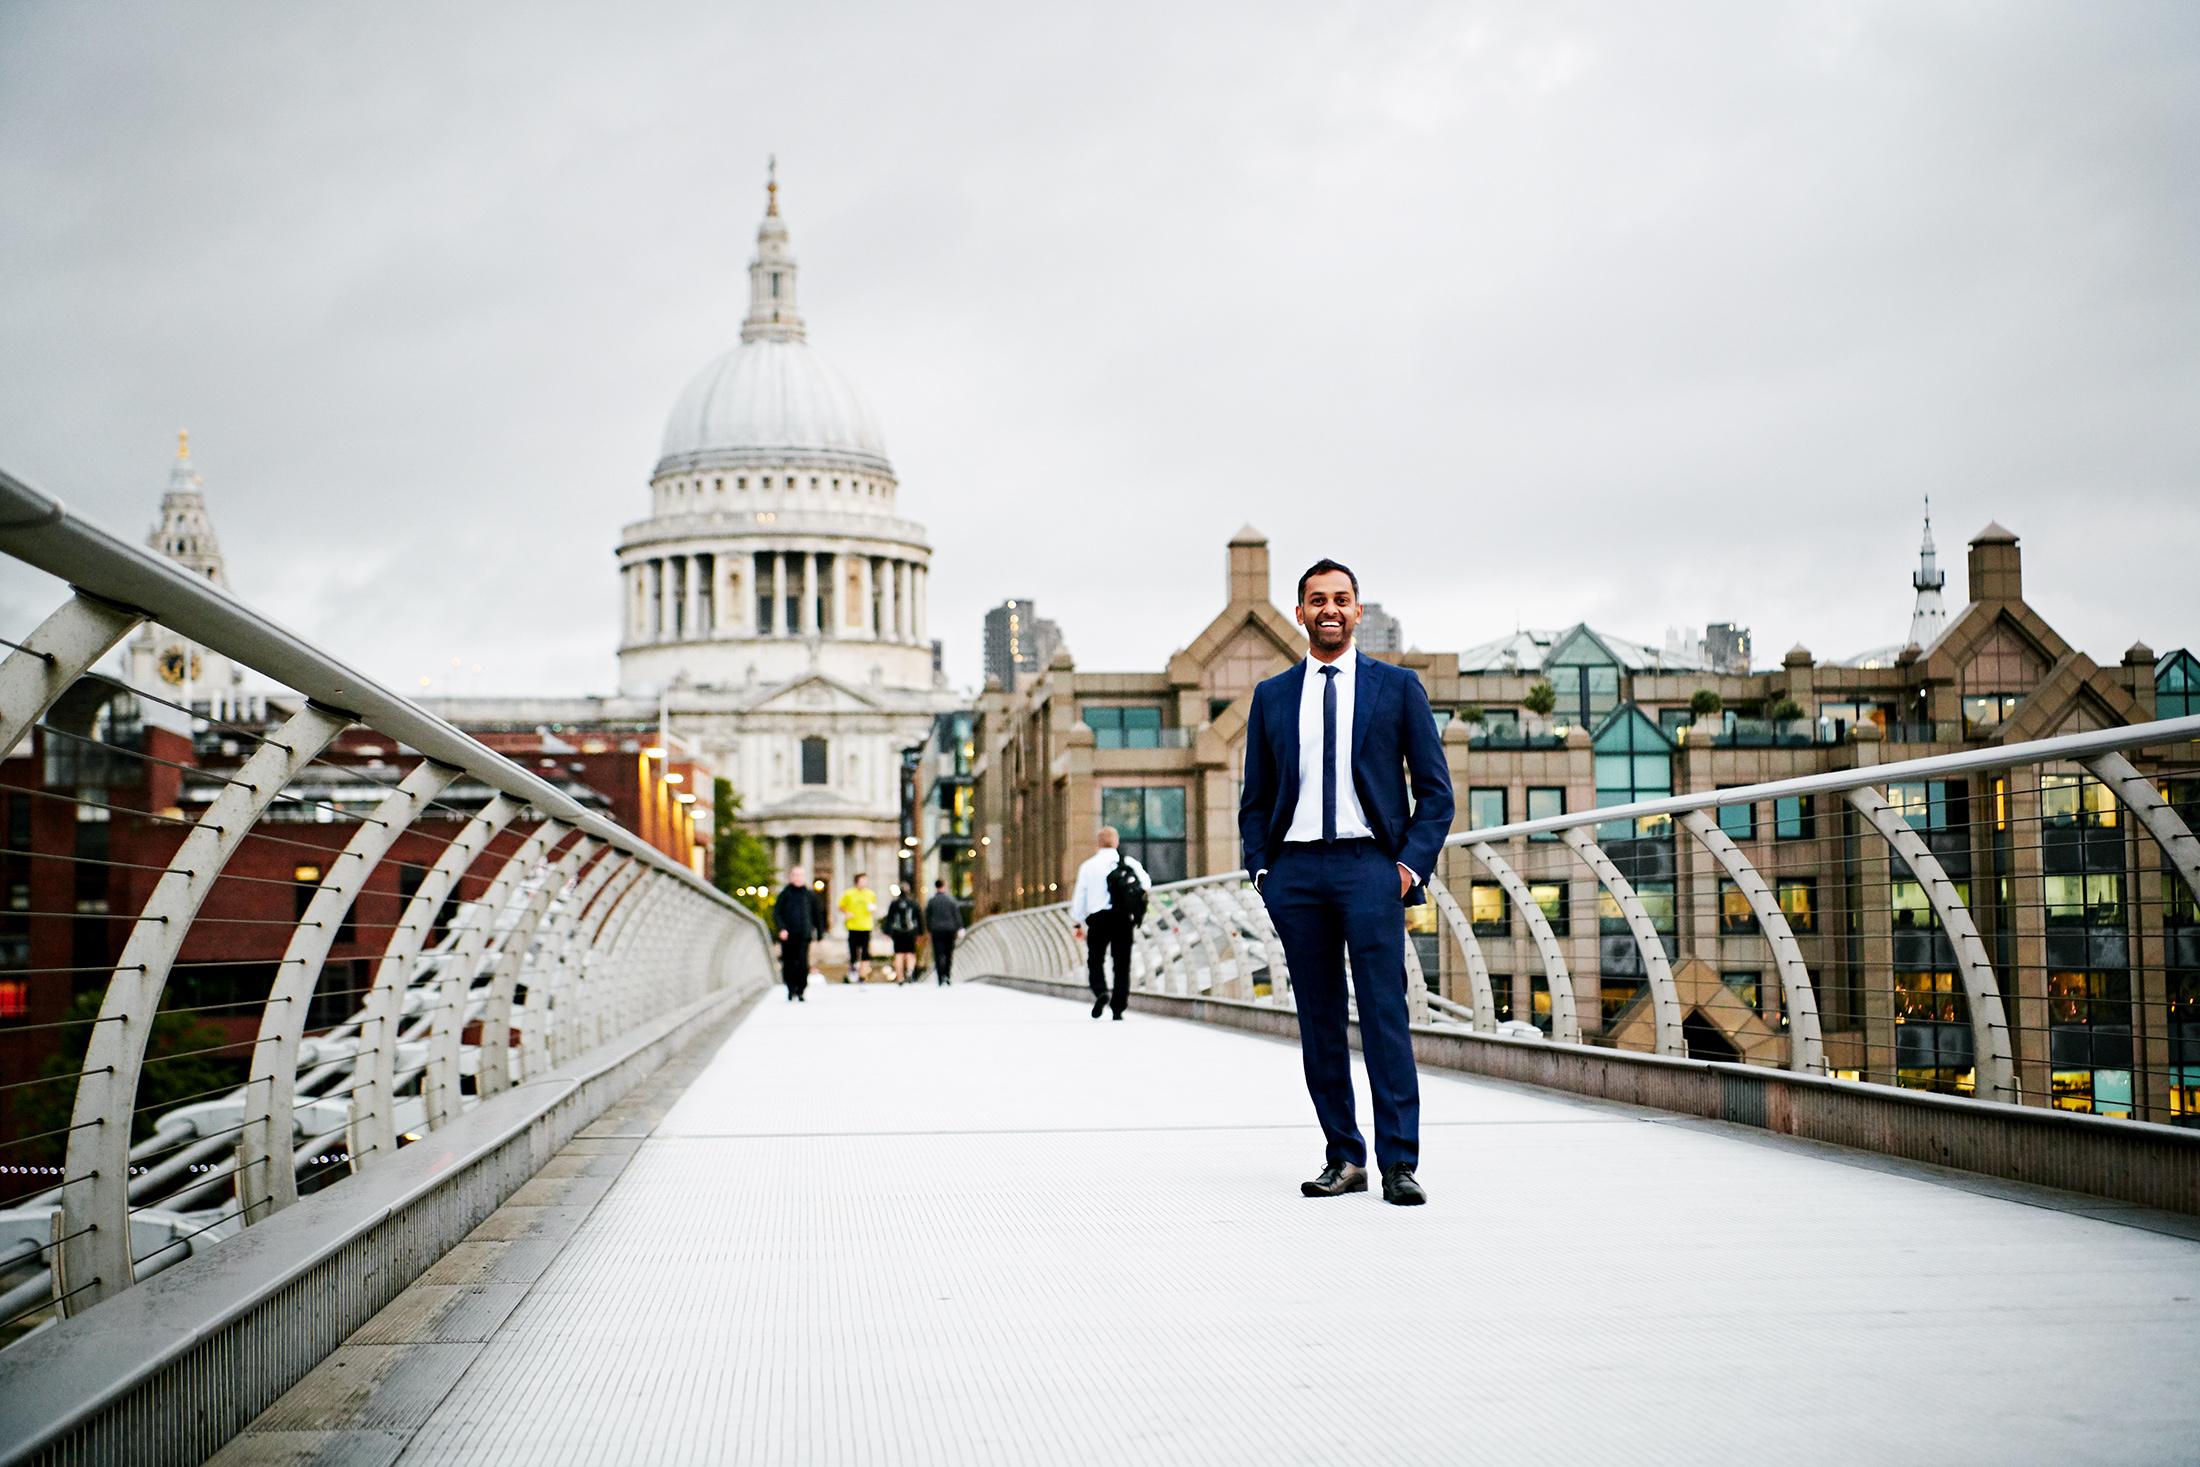 dan-event-photographer-london 11.jpg